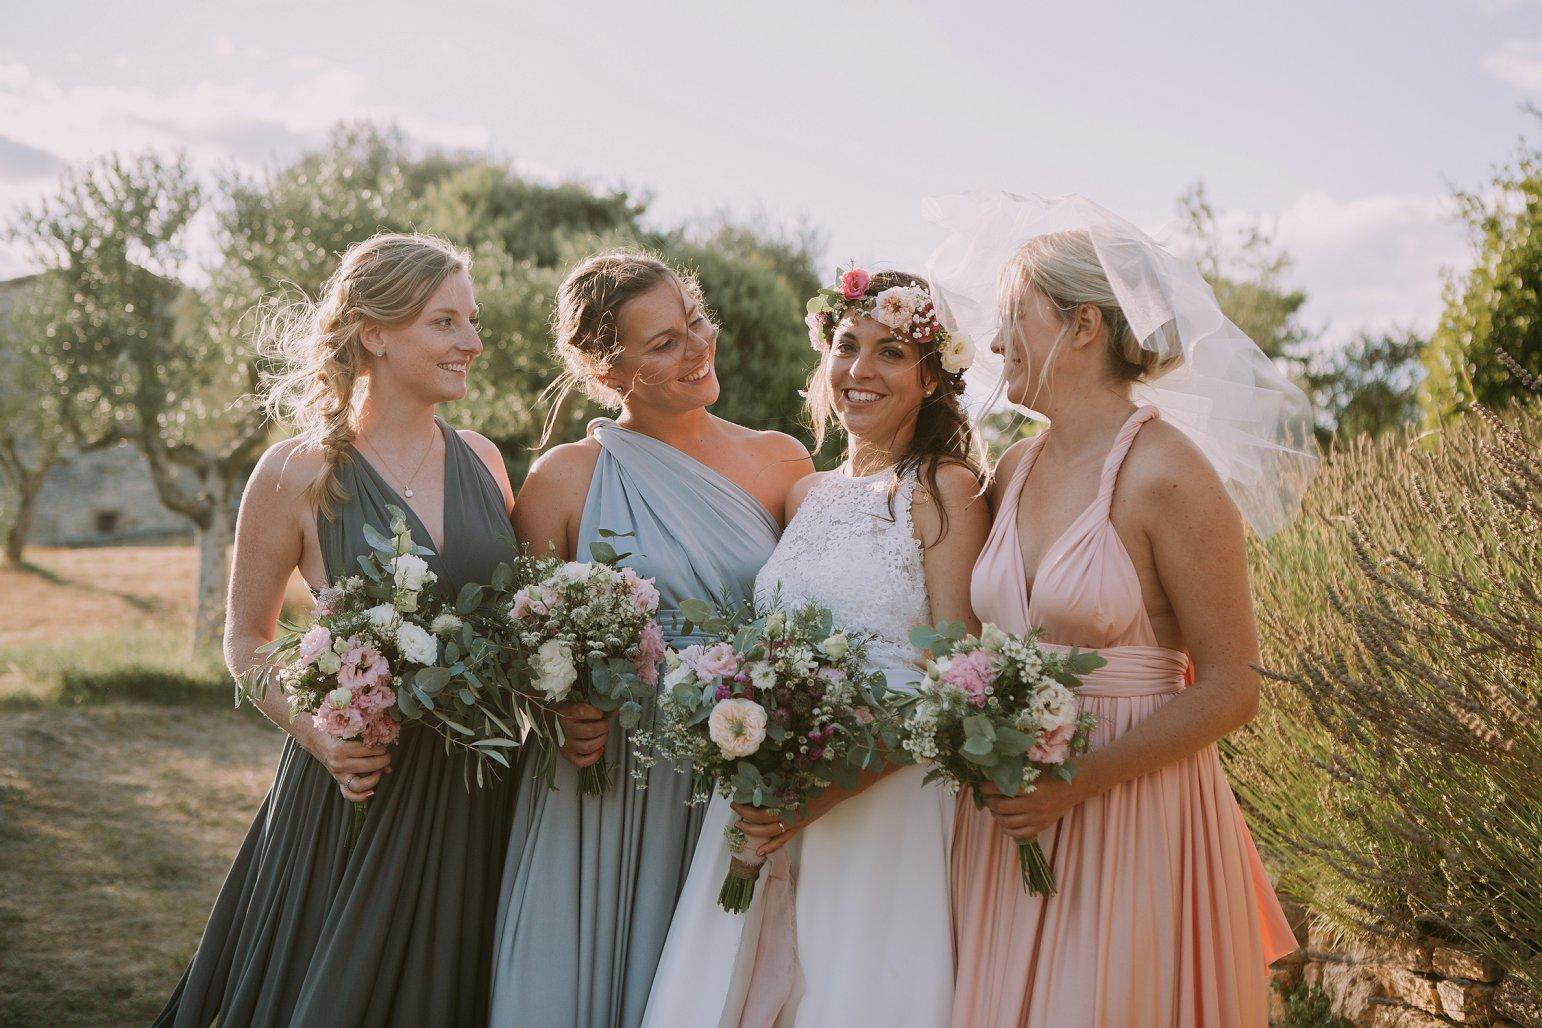 kateryna-photos-mariage-wedding-france-ardeche-domaine-clos-hullias-Saint-Christol-de-Rodière-gard-cevennes_0212.jpg